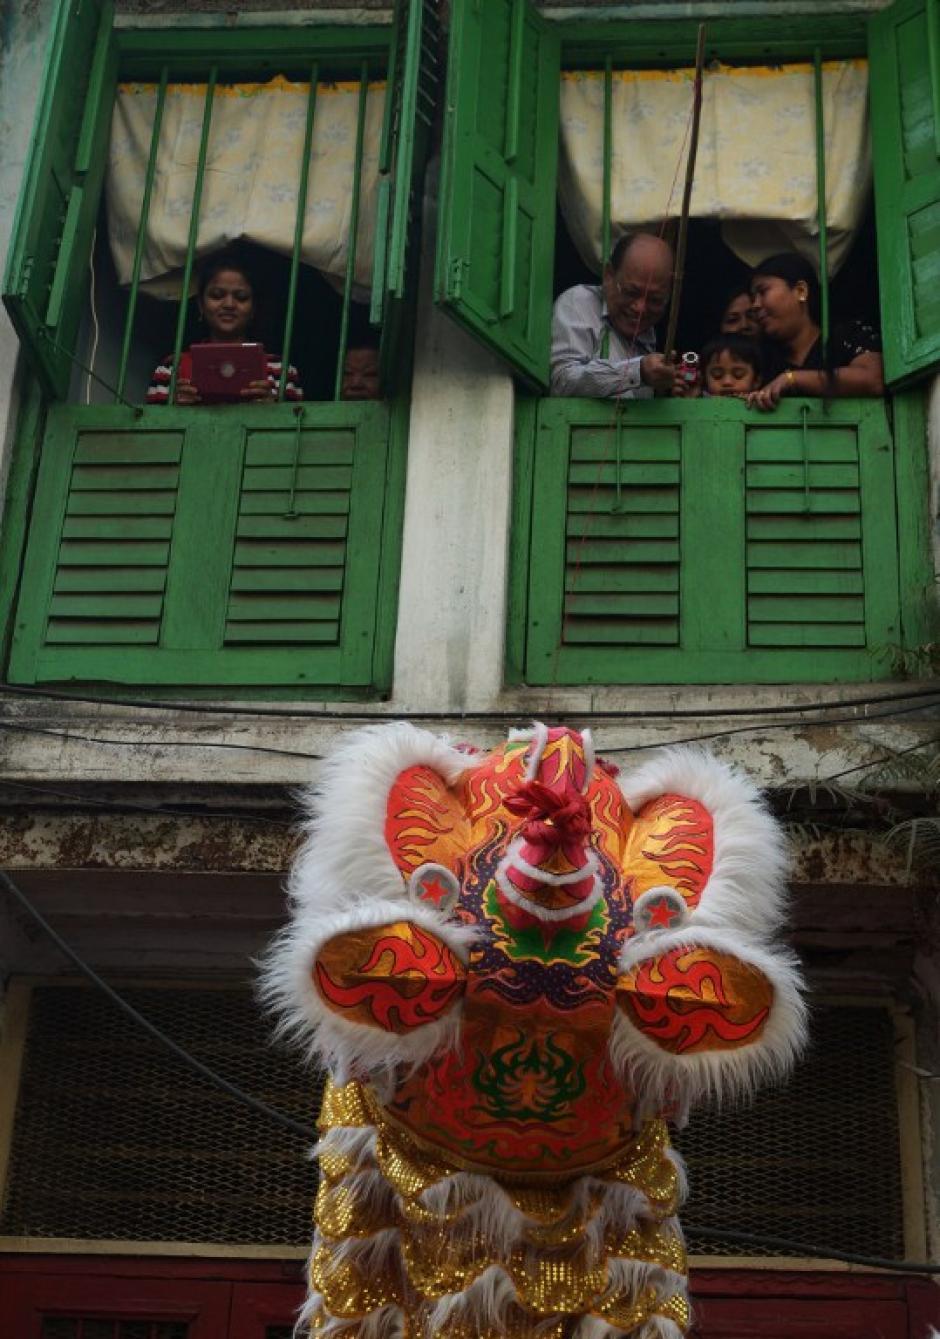 """Los miembros de la comunidad china realizan una danza del león mientras celebran el año nuevo chino en Calcuta, el 31 de enero de 2014, para dar la bienvenida al """"Año del Caballo"""". AFP"""